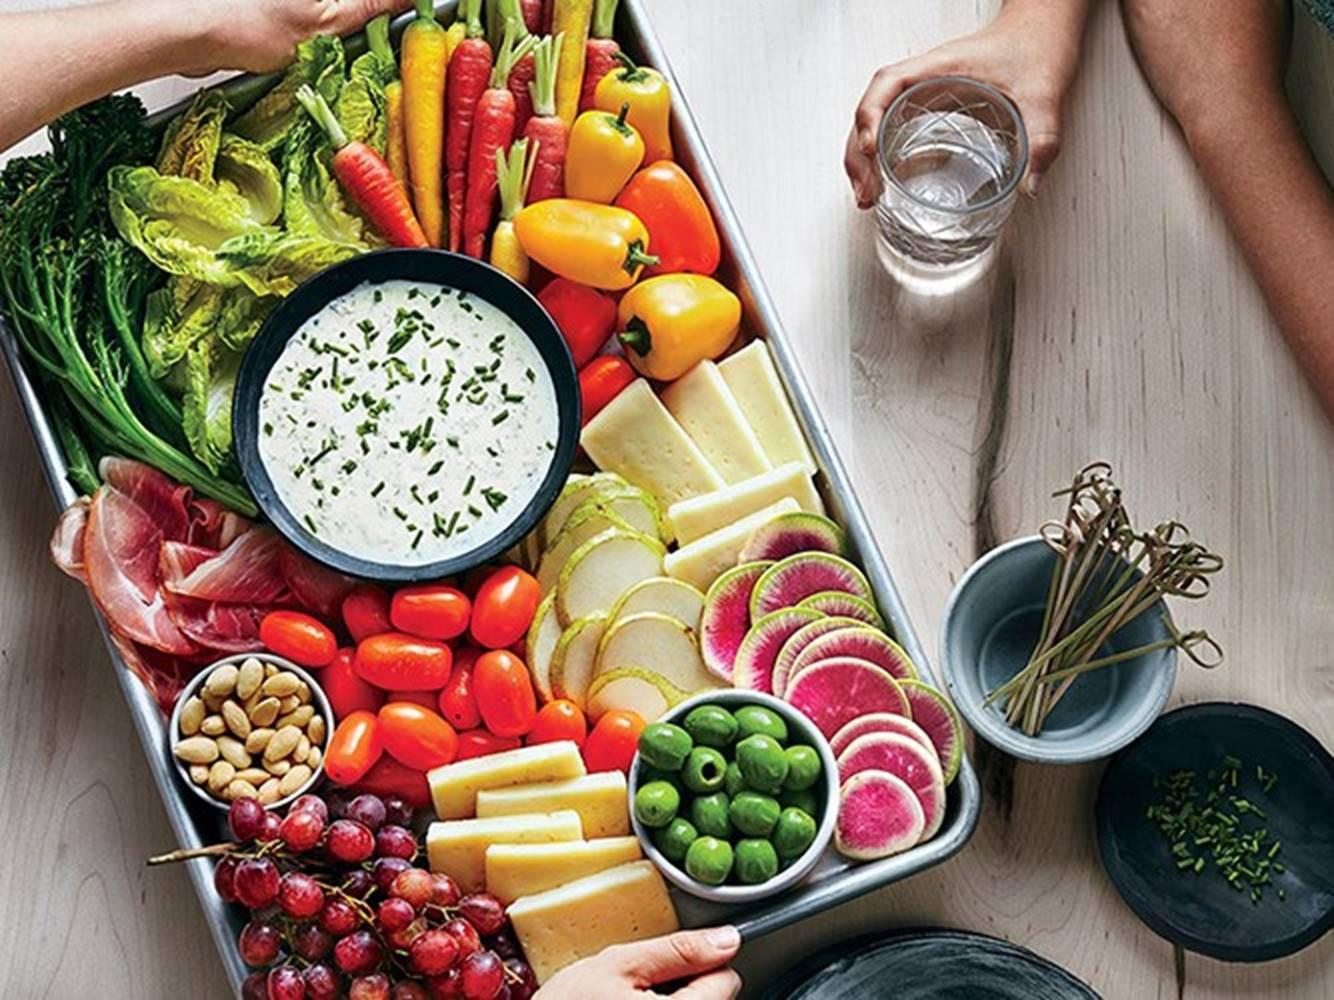 2018 rồi, muốn giảm cân hãy ăn chất lượng hơn chứ không phải ít hơn và đây là lí do - Ảnh 1.